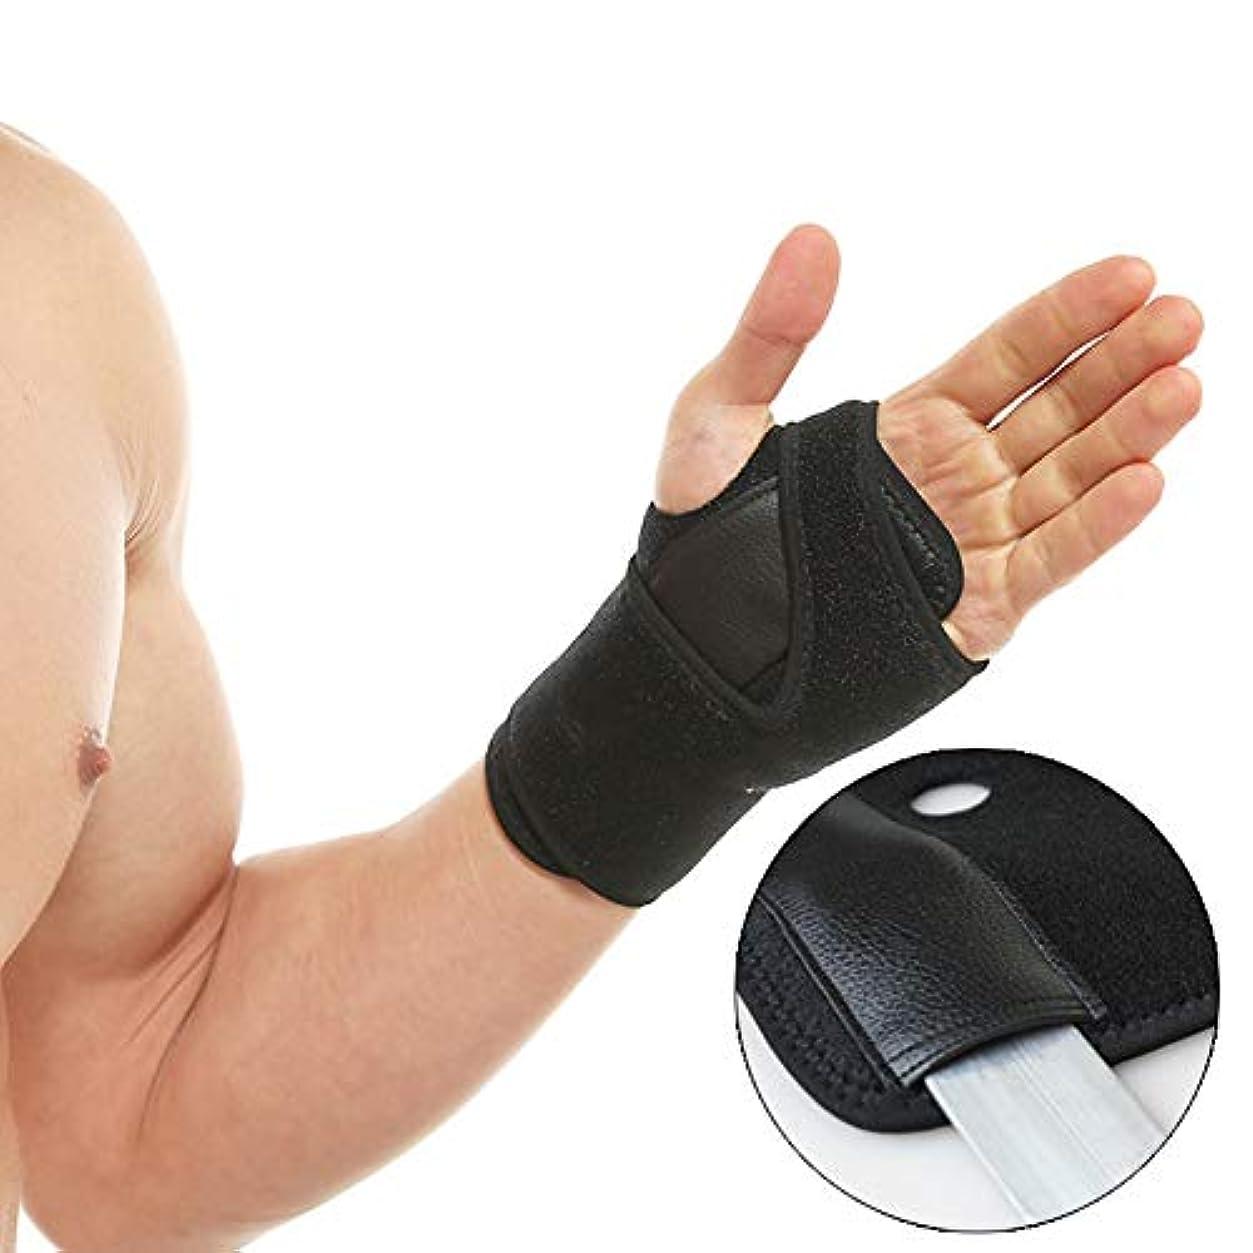 ダウンタウン専門不均一親指ブレース - 関節炎、腱鞘炎、そしてその他、トリガー親指サポート中括弧のためのスプリントは、男性と女性のための右手と左手の両方に適合します